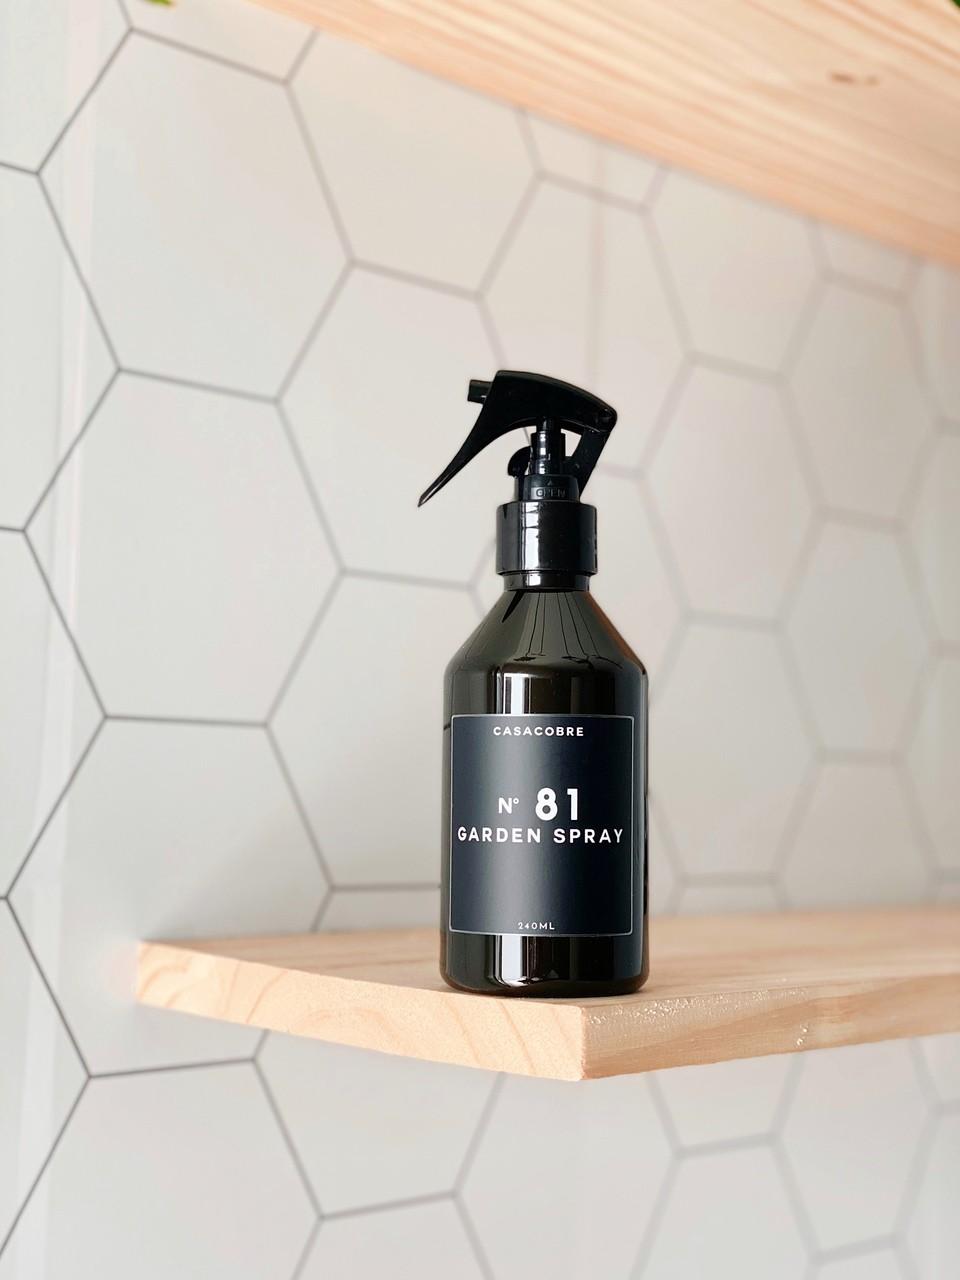 Mini Frasco Black Garden Spray - 240ml  - CASACOBRE